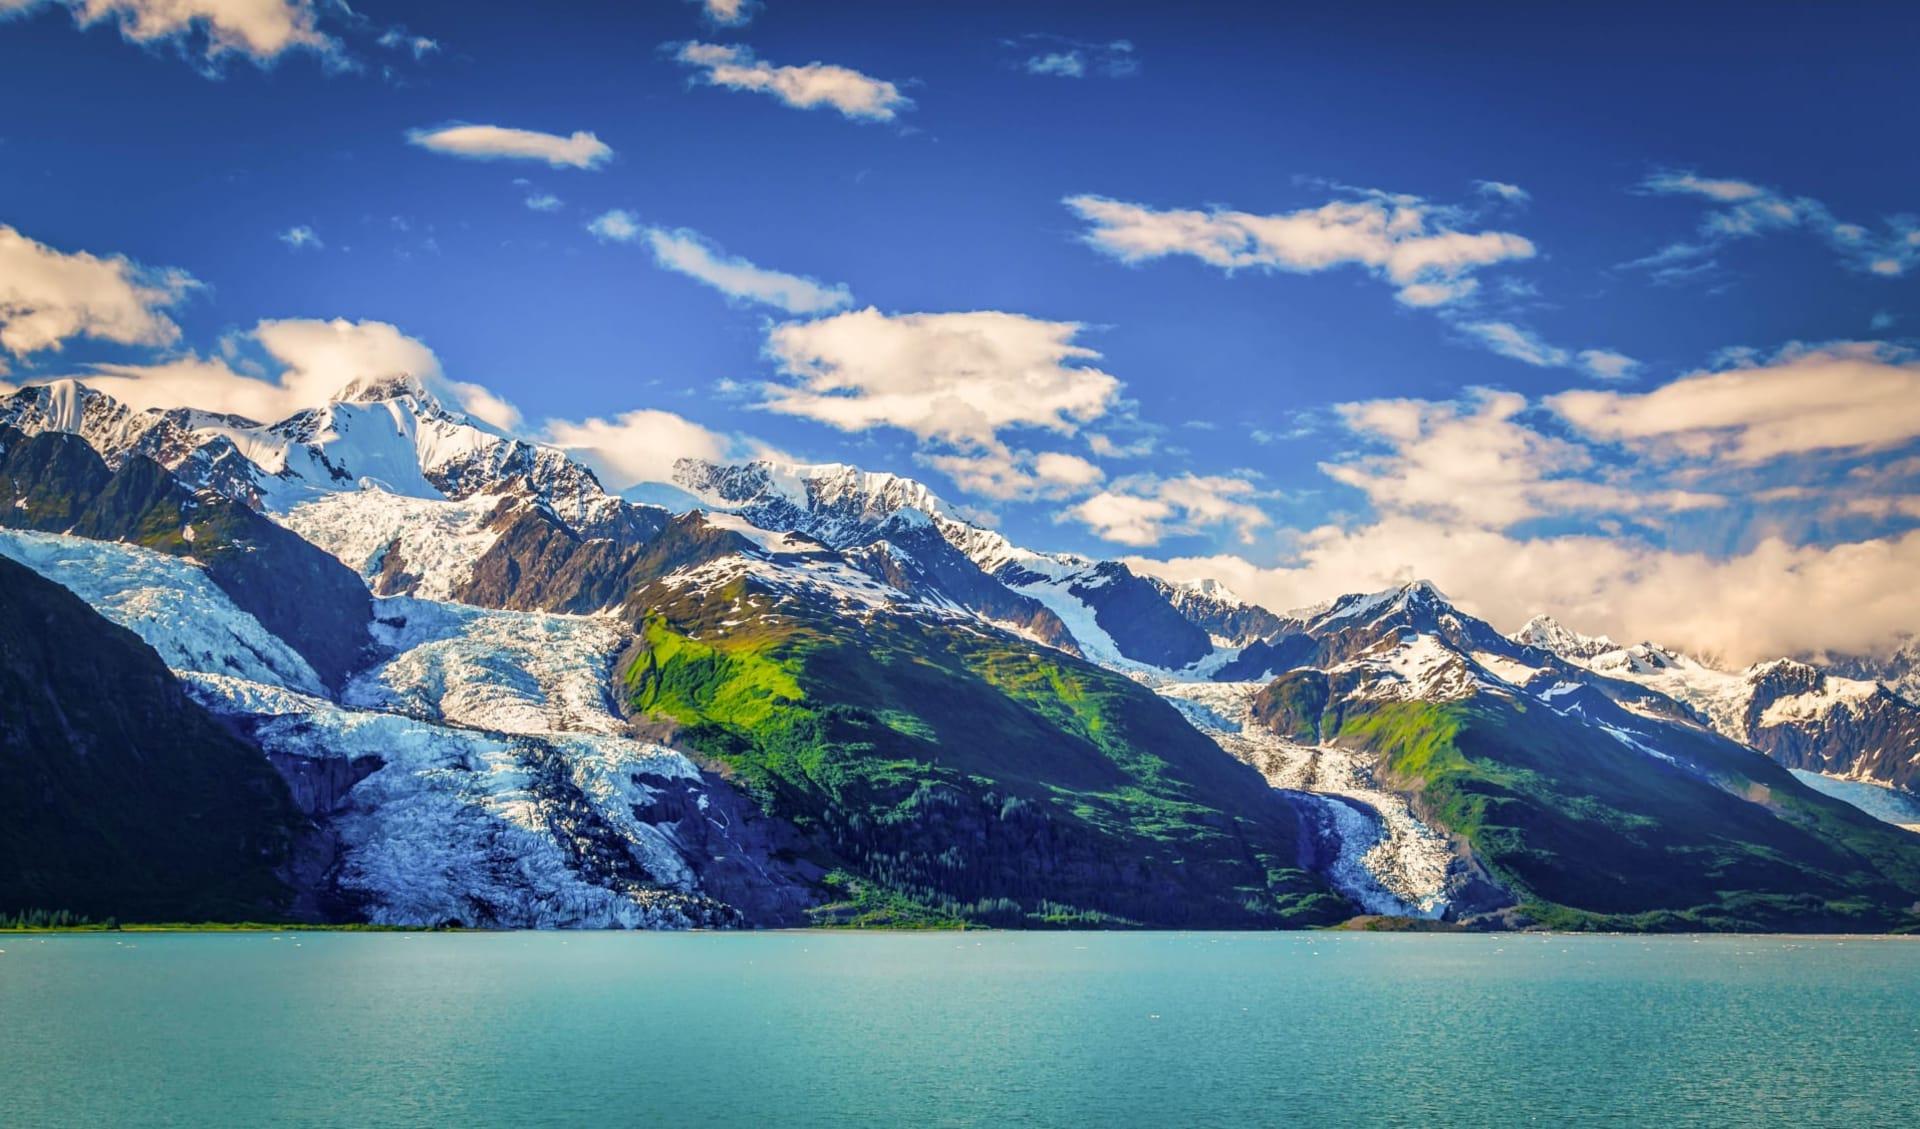 Bear Track Inn in Glacier Bay National Park: shutterstock_1221058726_glacierbaynatinoalpark